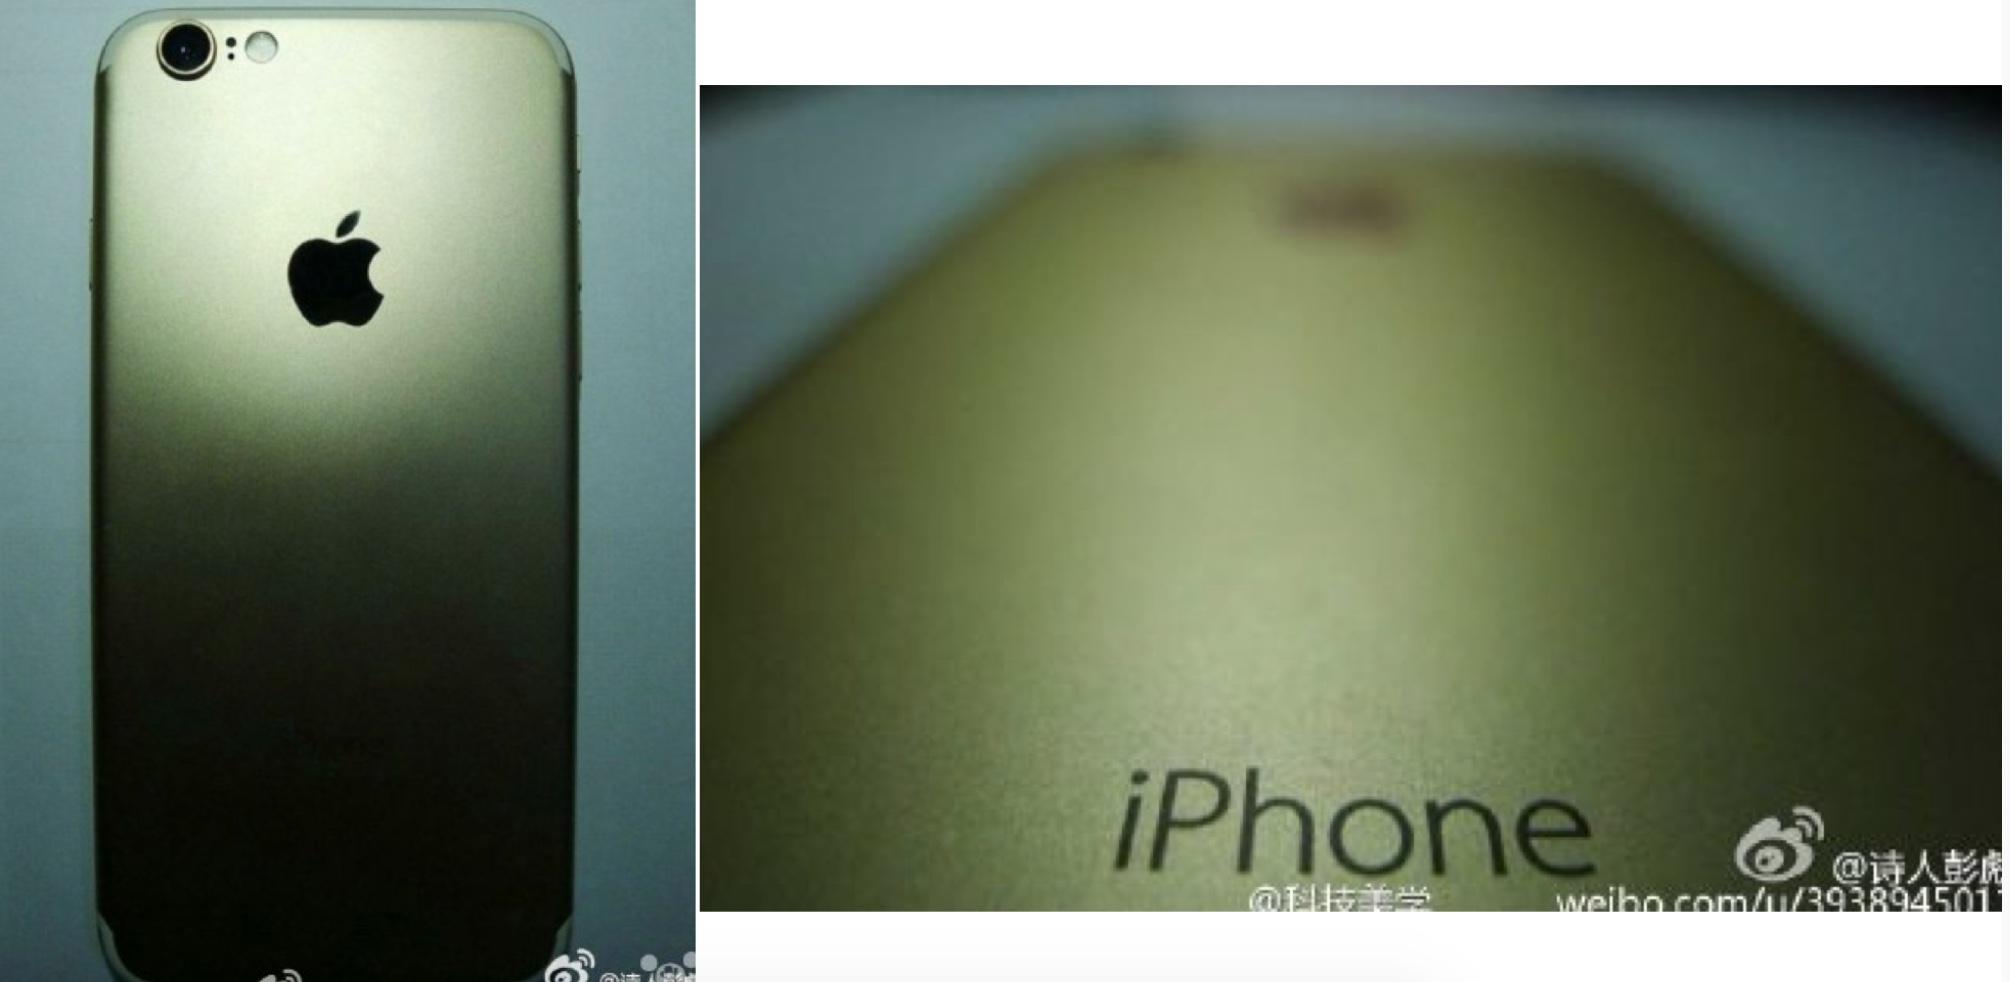 Er dette det første bildet av iPhone 7? Det ser langt mer troverdig ut enn mange andre liksom-lekkasjer det siste halve året.